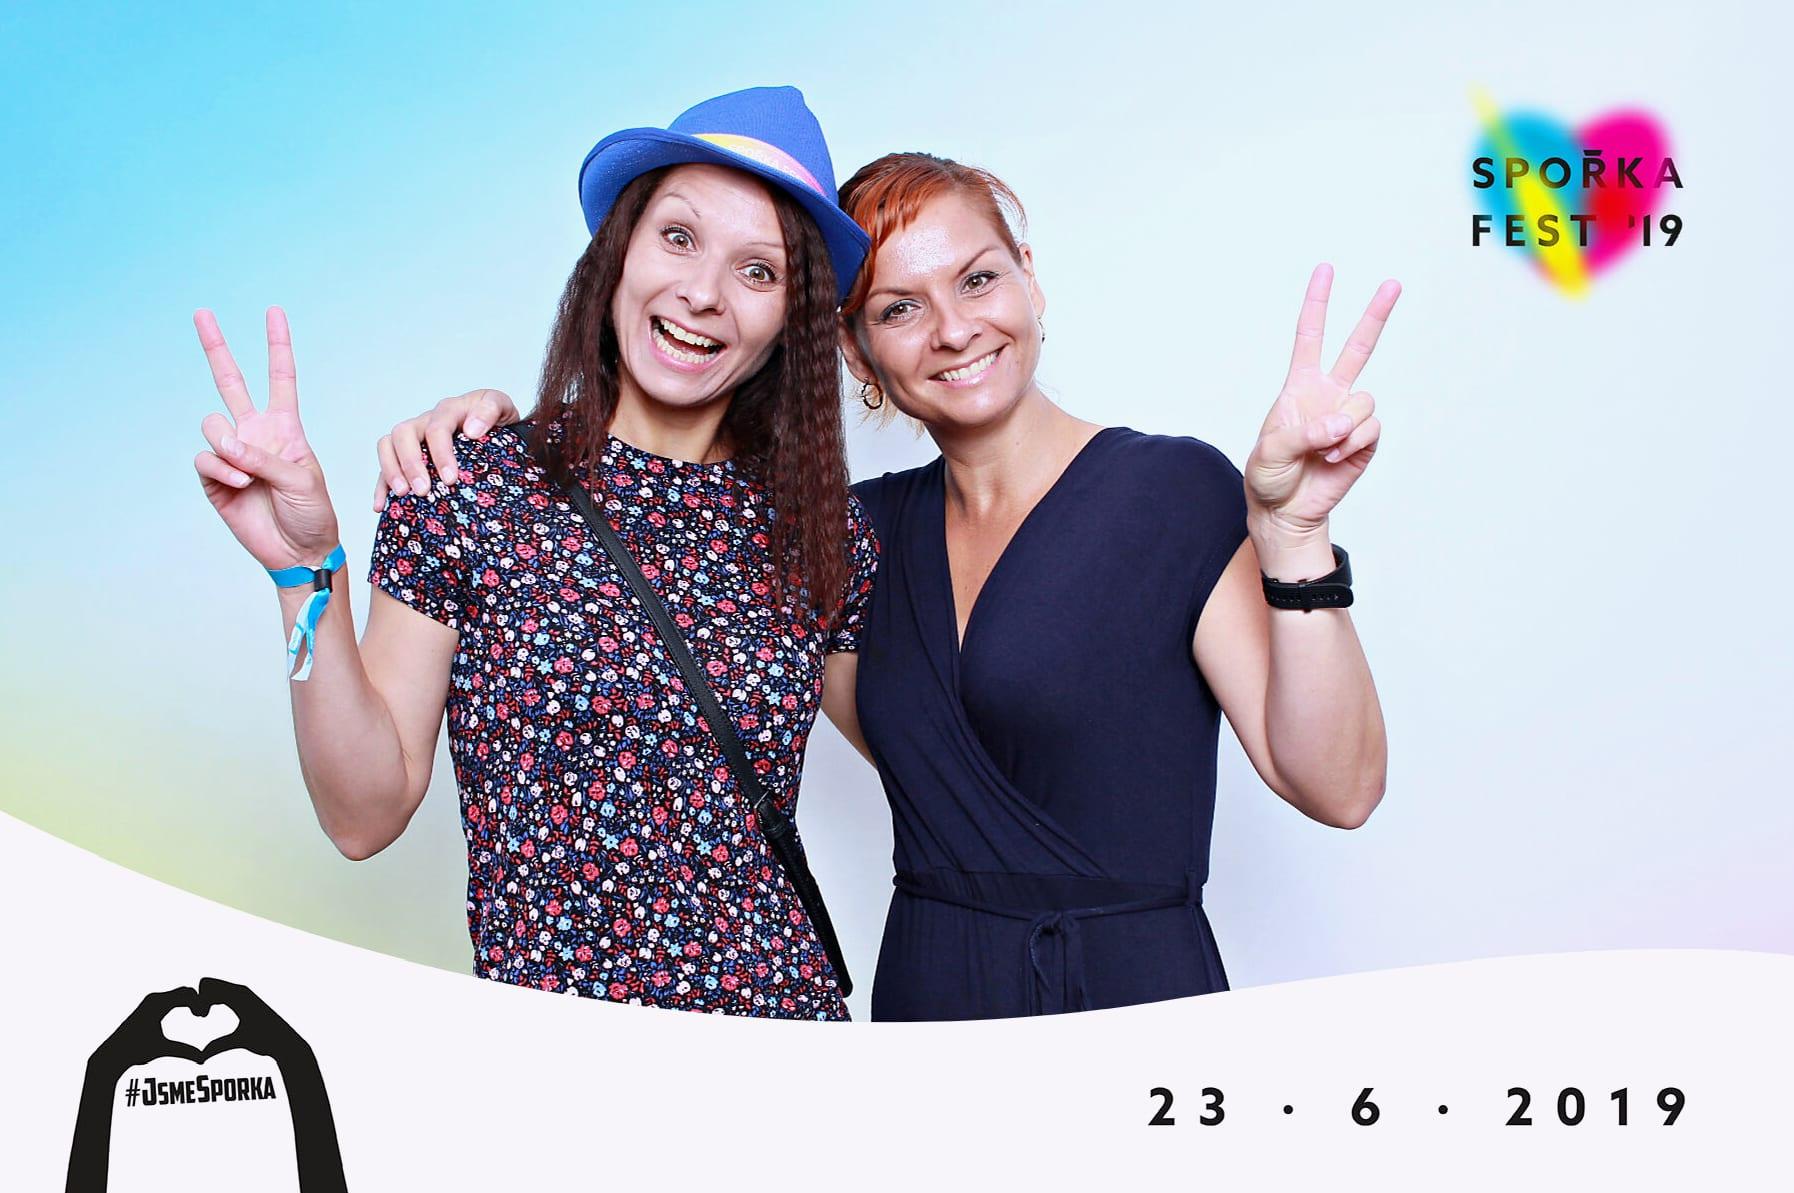 fotokoutek-festival-praha-sporka-fest-7-23-6-2019-636388